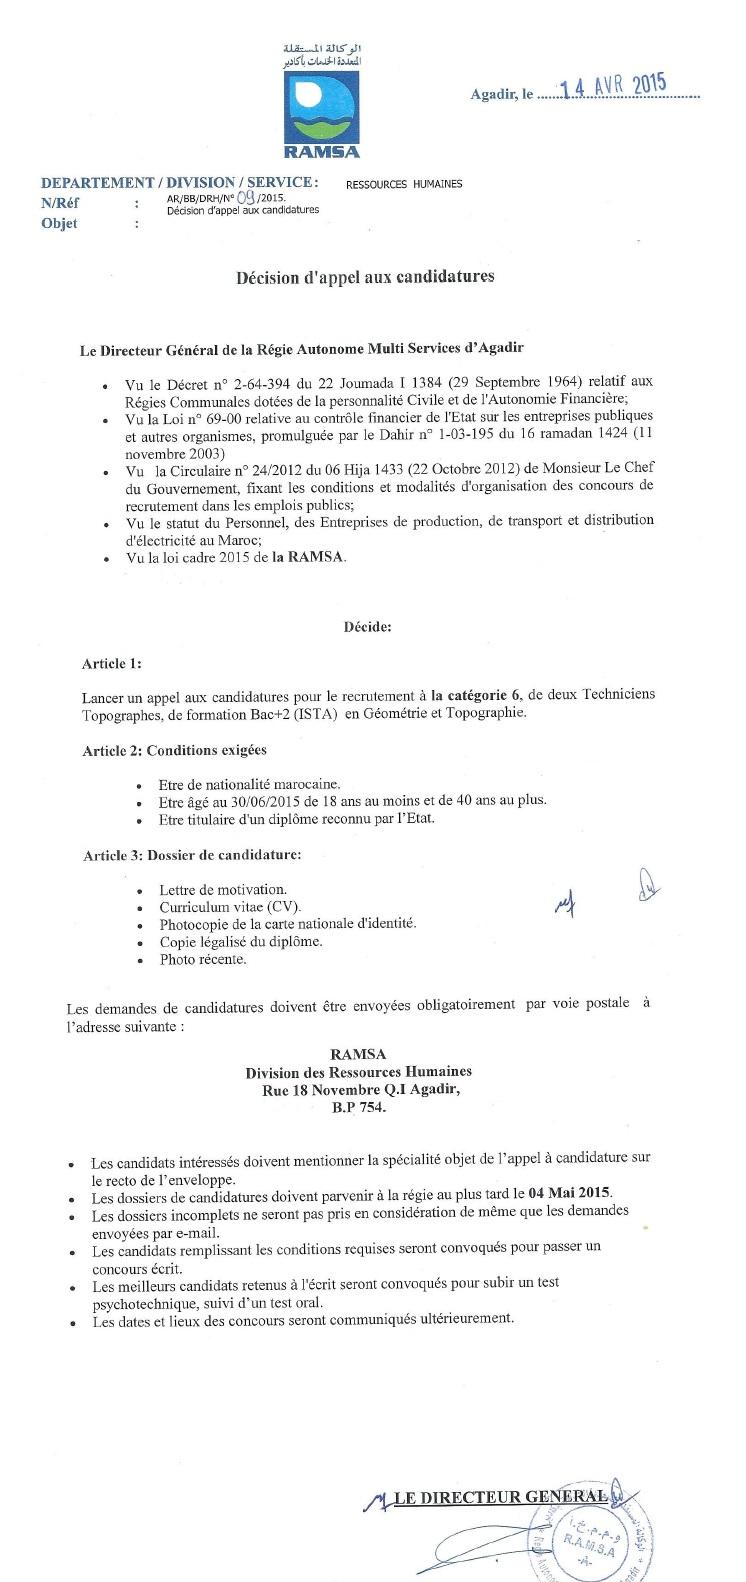 الوكالة المستقلة المتعددة الخدمات بأكادير : مباراة لتوظيف تقني (10 مناصب) آخر أجل لإيداع الترشيحات 4 ماي 2015 Concou59